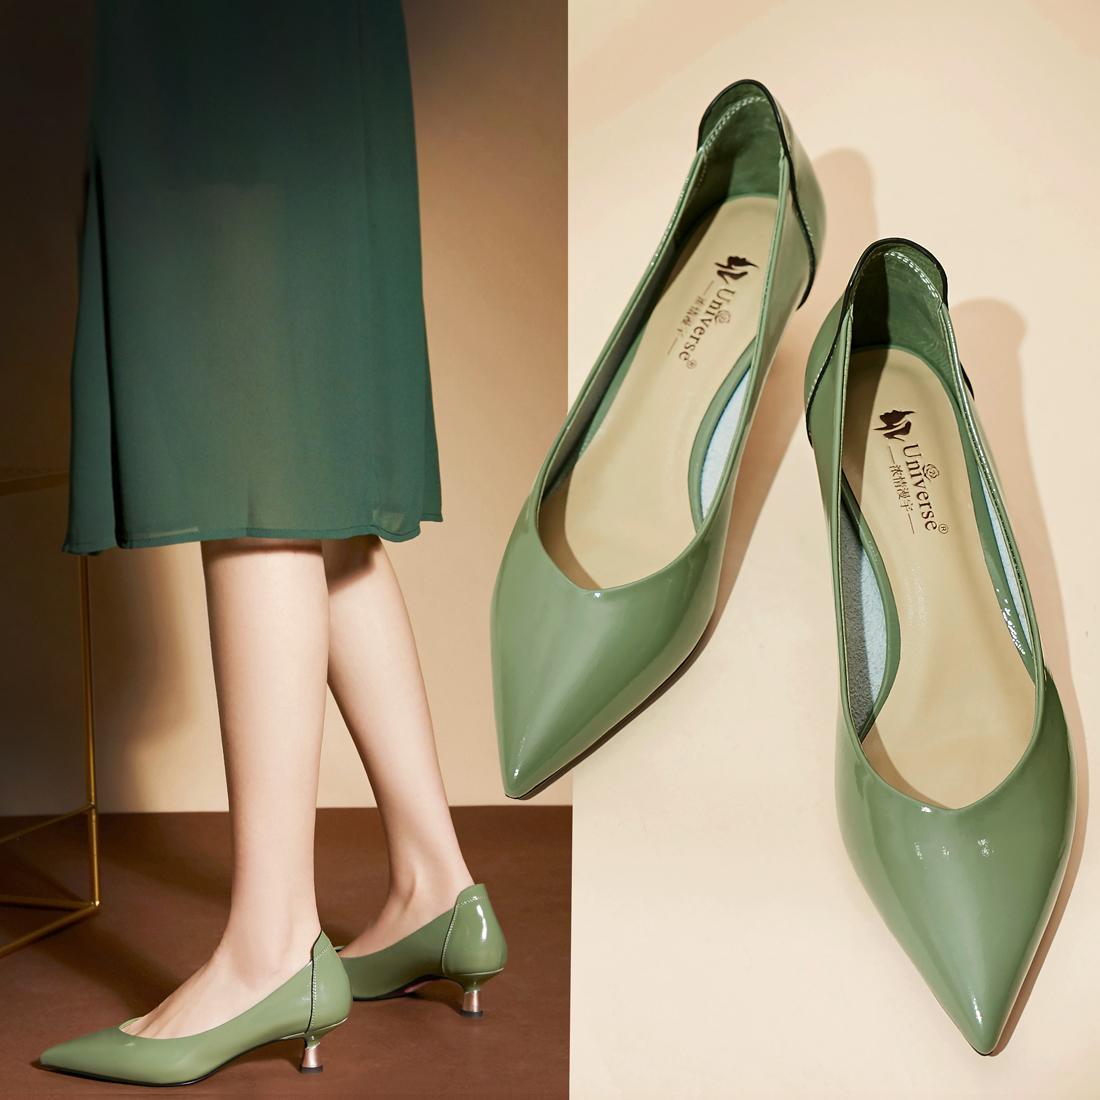 真皮尖头单鞋女猫跟鞋仙女风中低跟软皮OL工作温柔气质法式小高跟